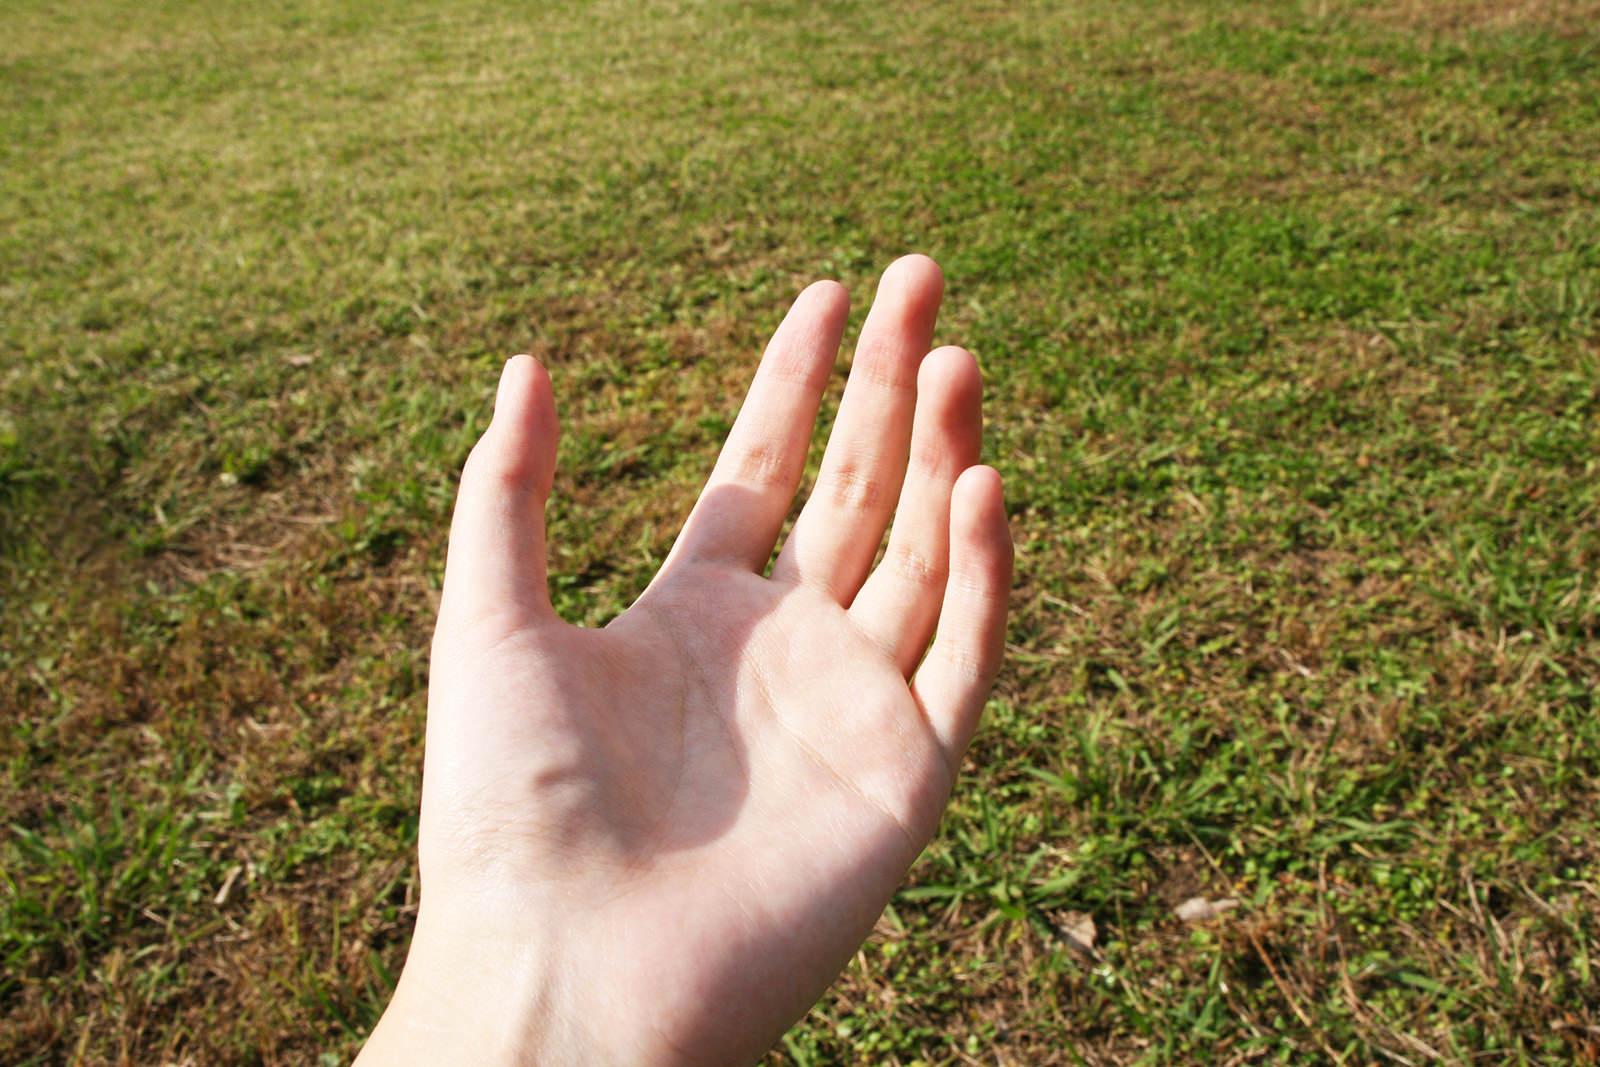 手話通訳士の年収と仕事内容・試験内容|手話通訳士になる方法のサムネイル画像